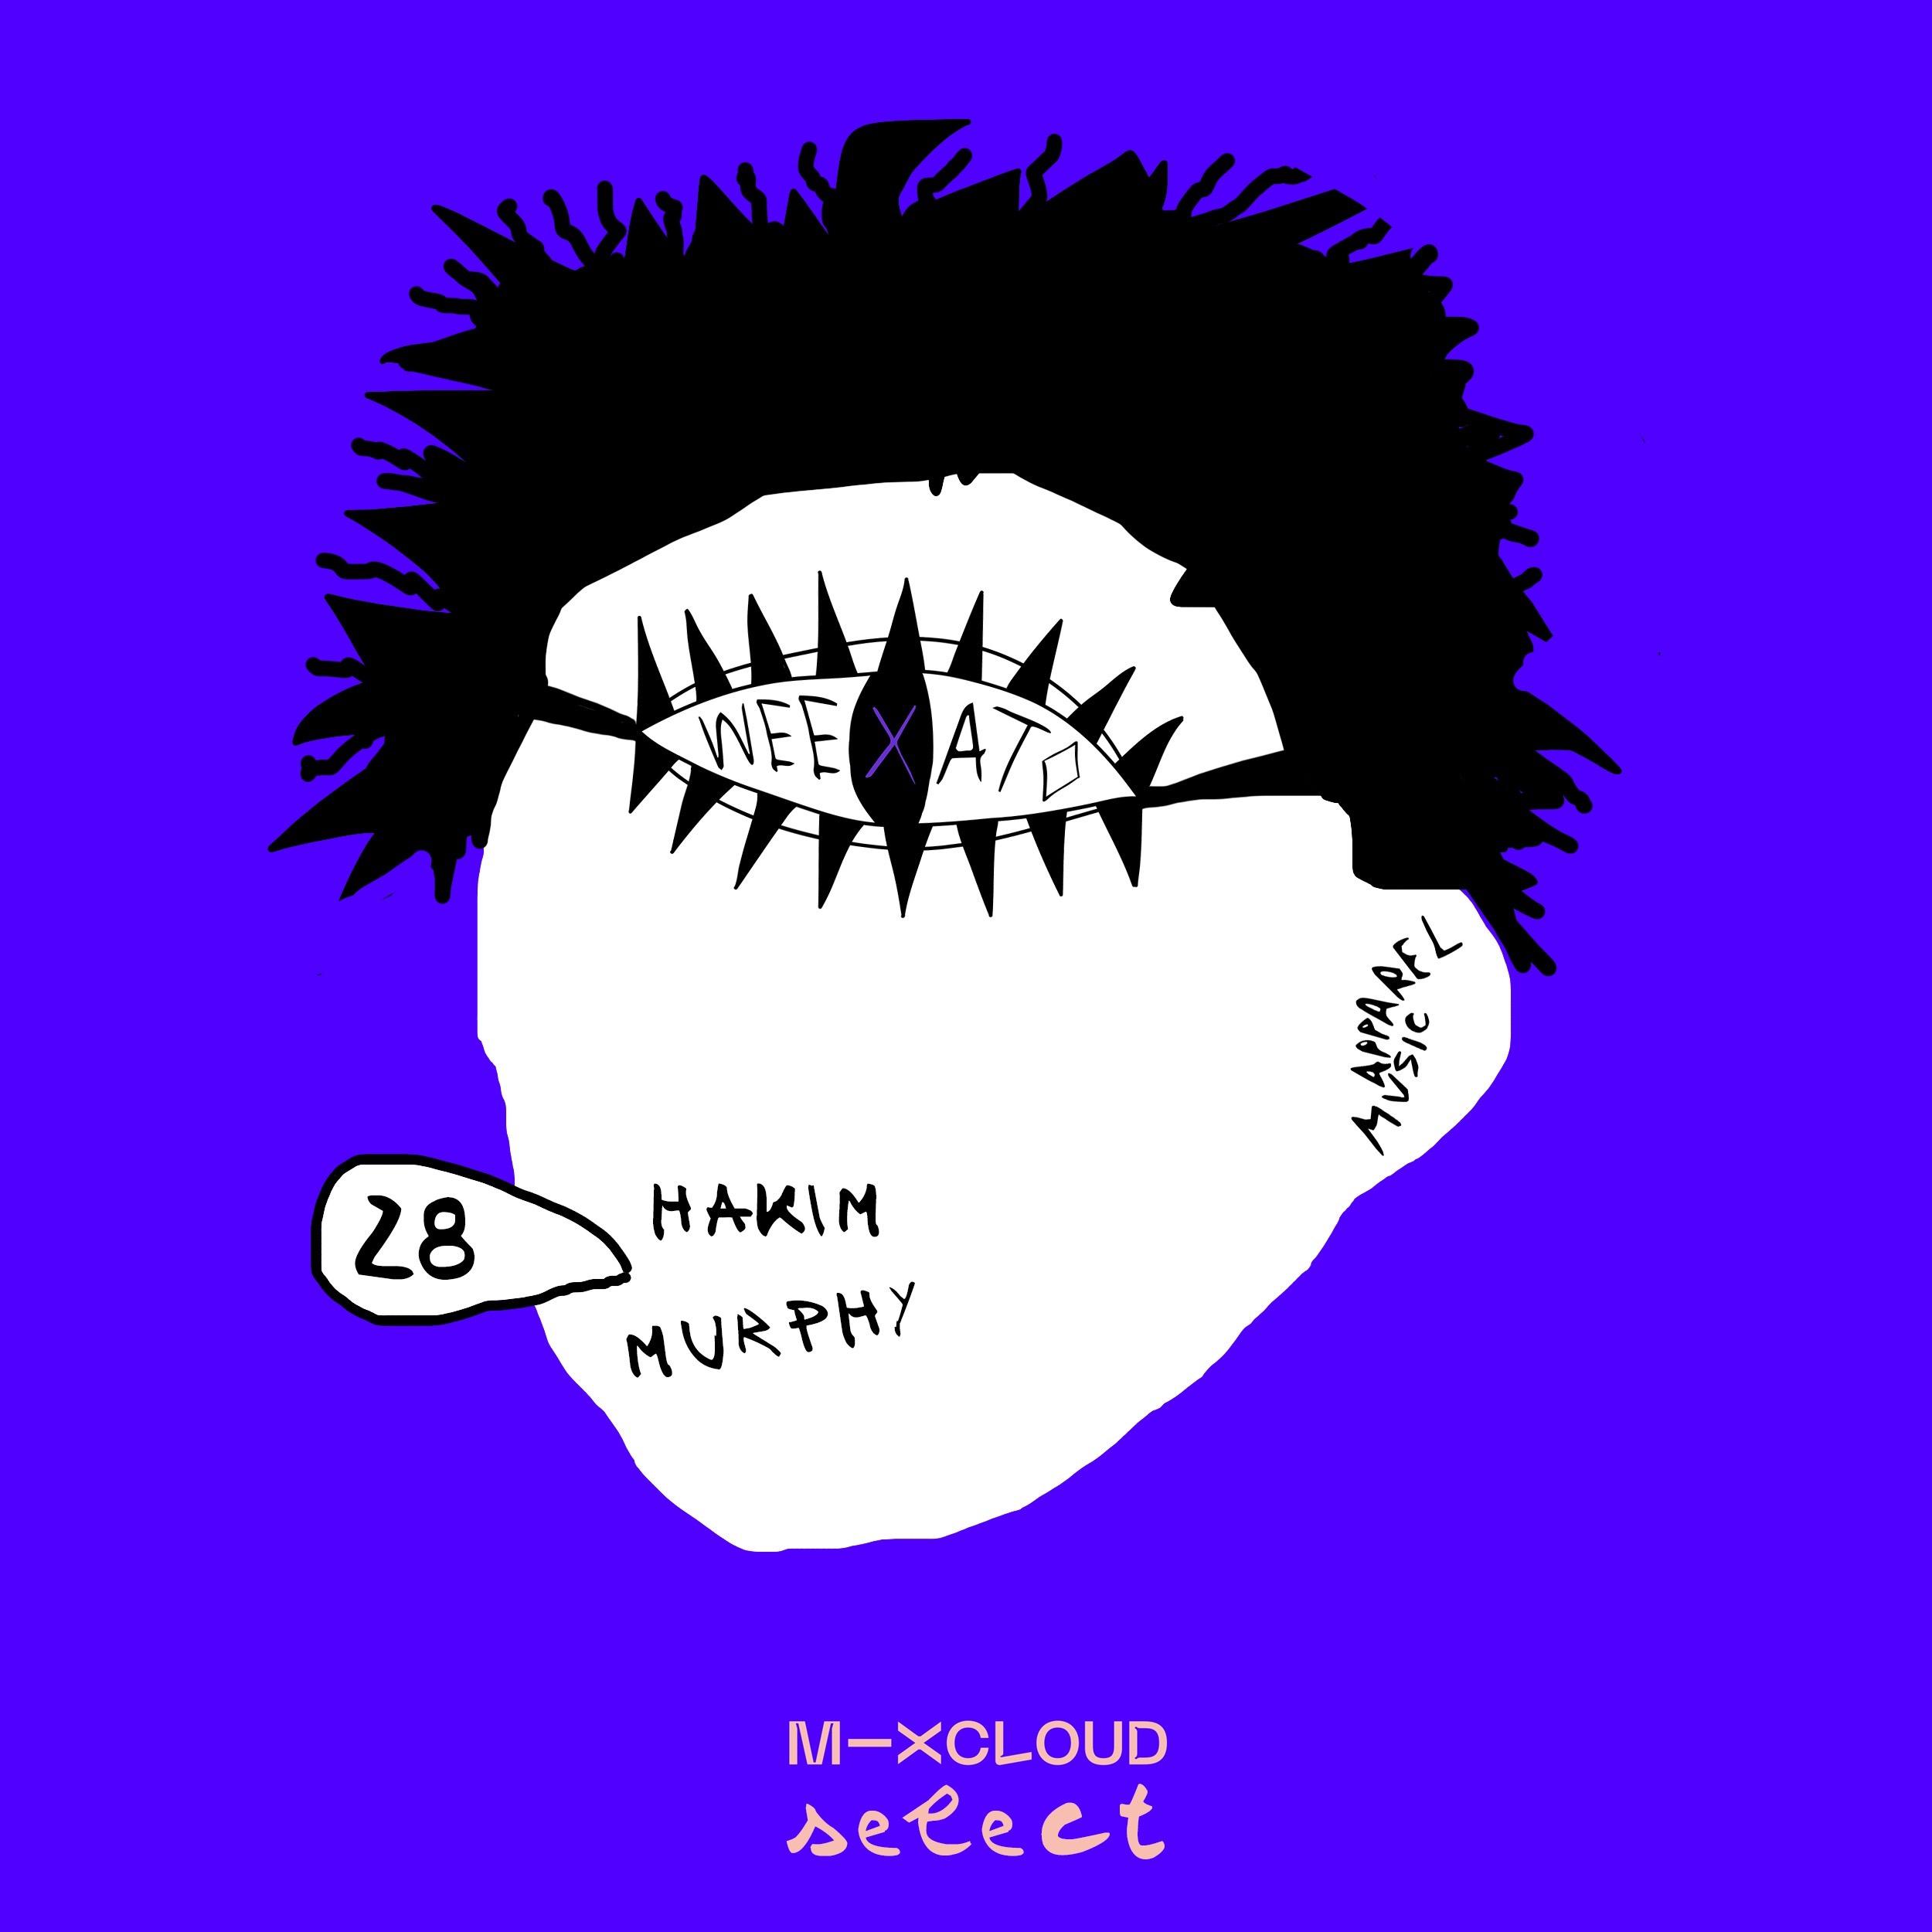 WEEXATO #028: Hakim Murphy